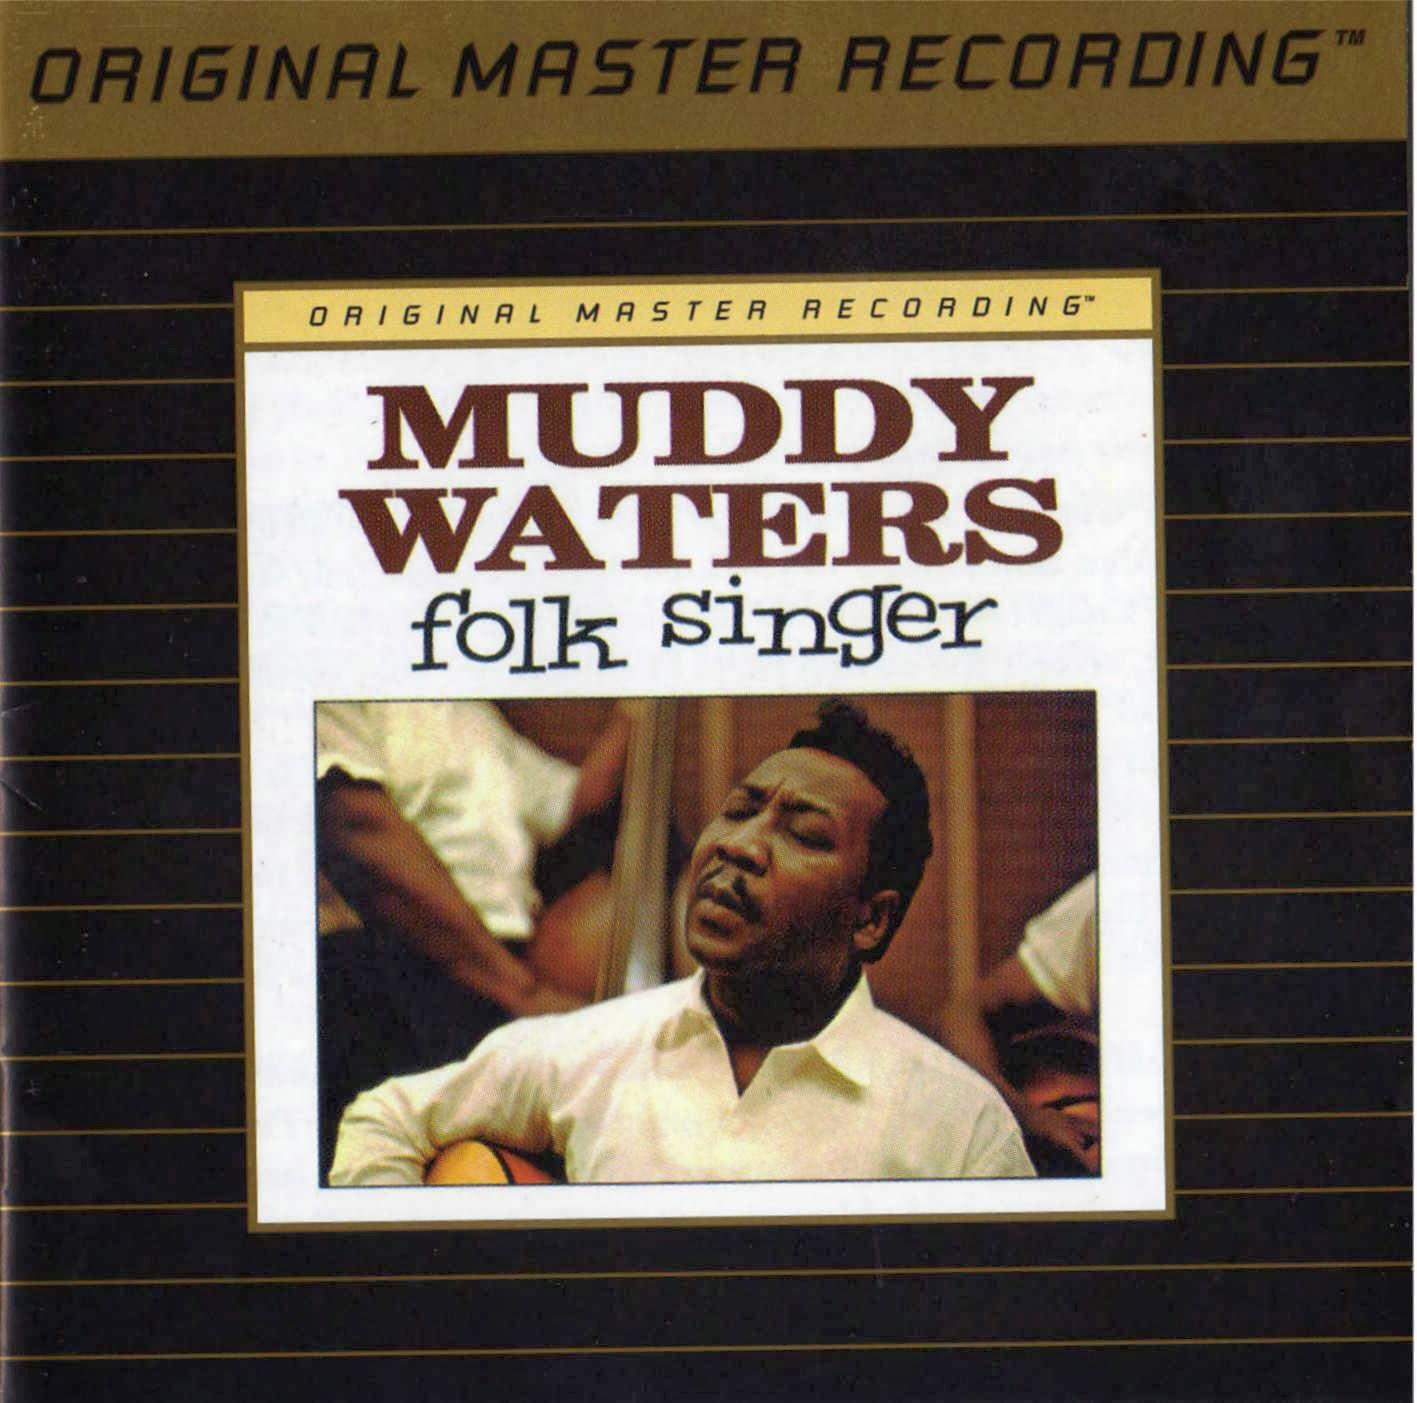 música libertad del alma dd discografía muddy waters 320 kbps